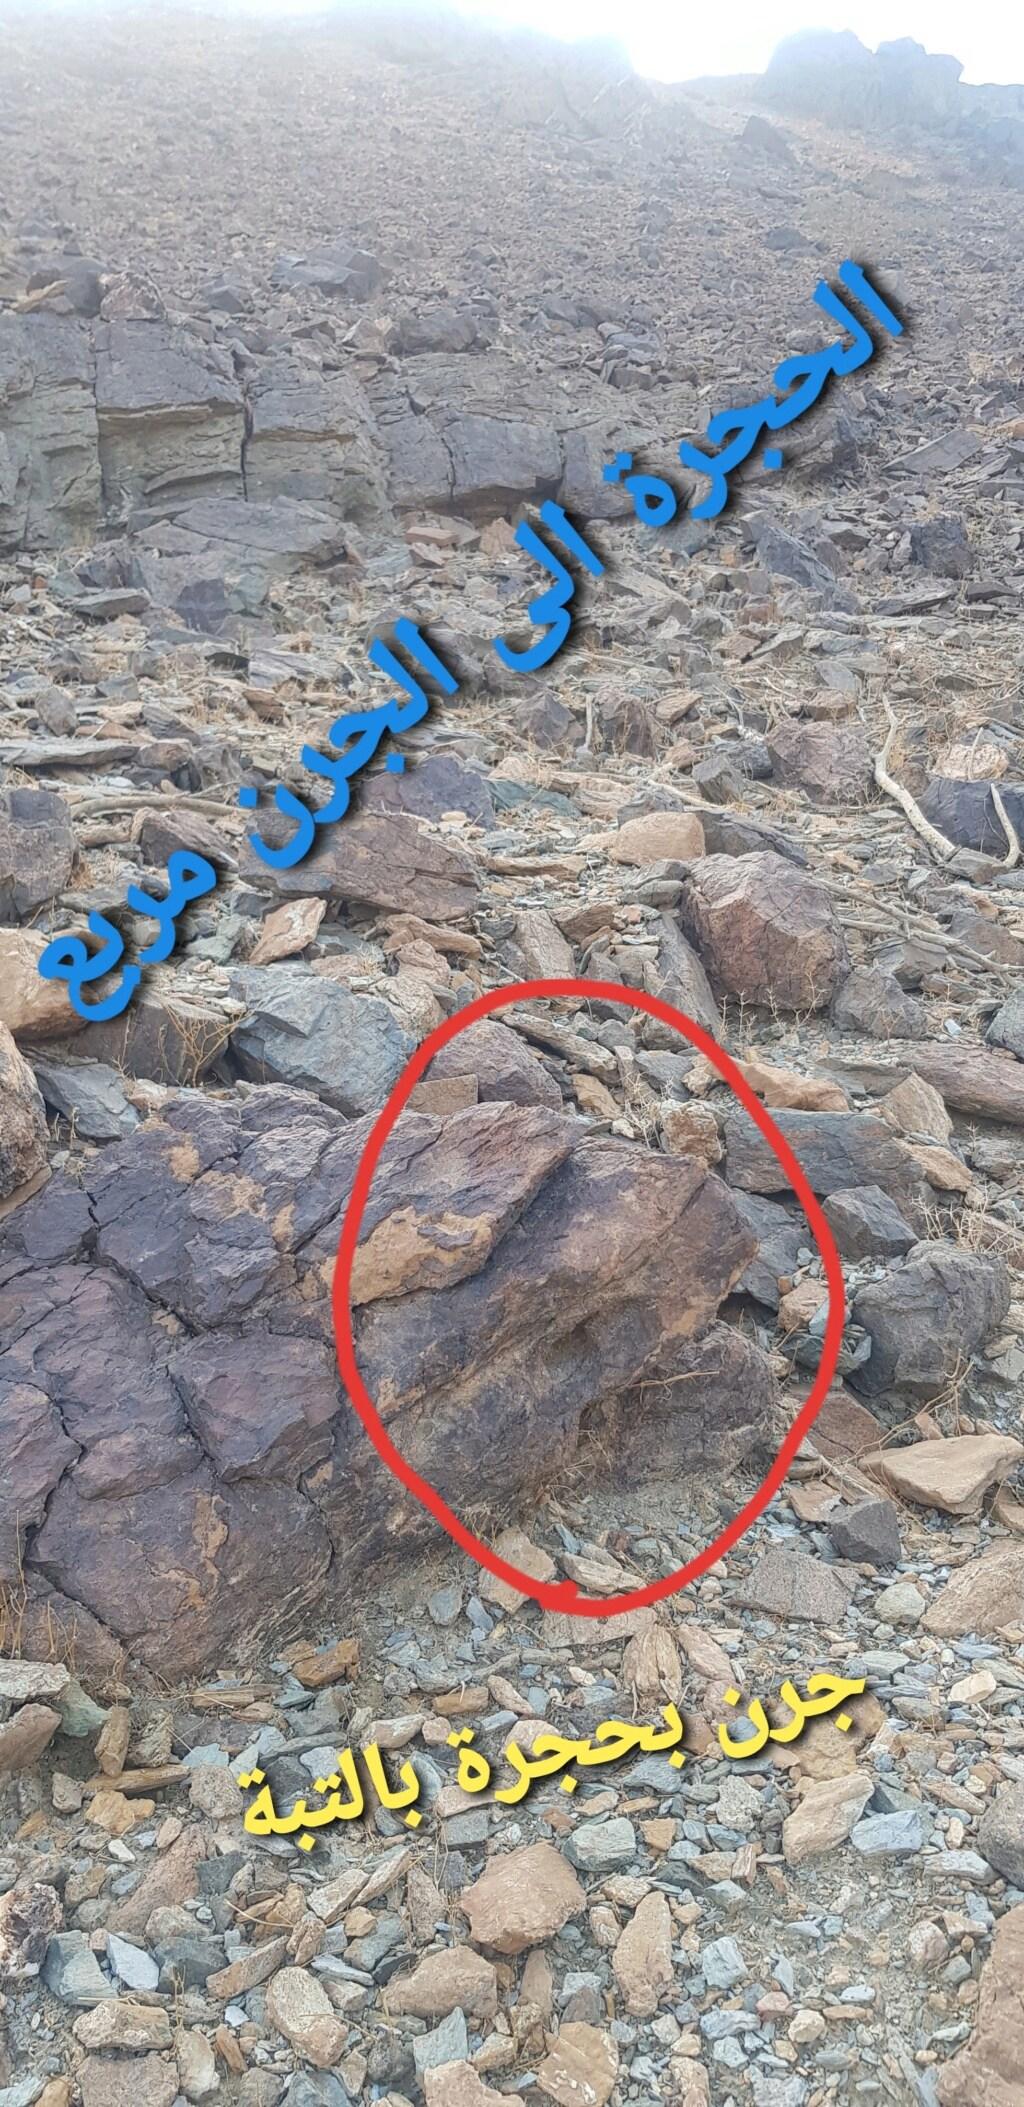 جرن شكل مربع على صخره مع سيال وجرون Eeeeeo16